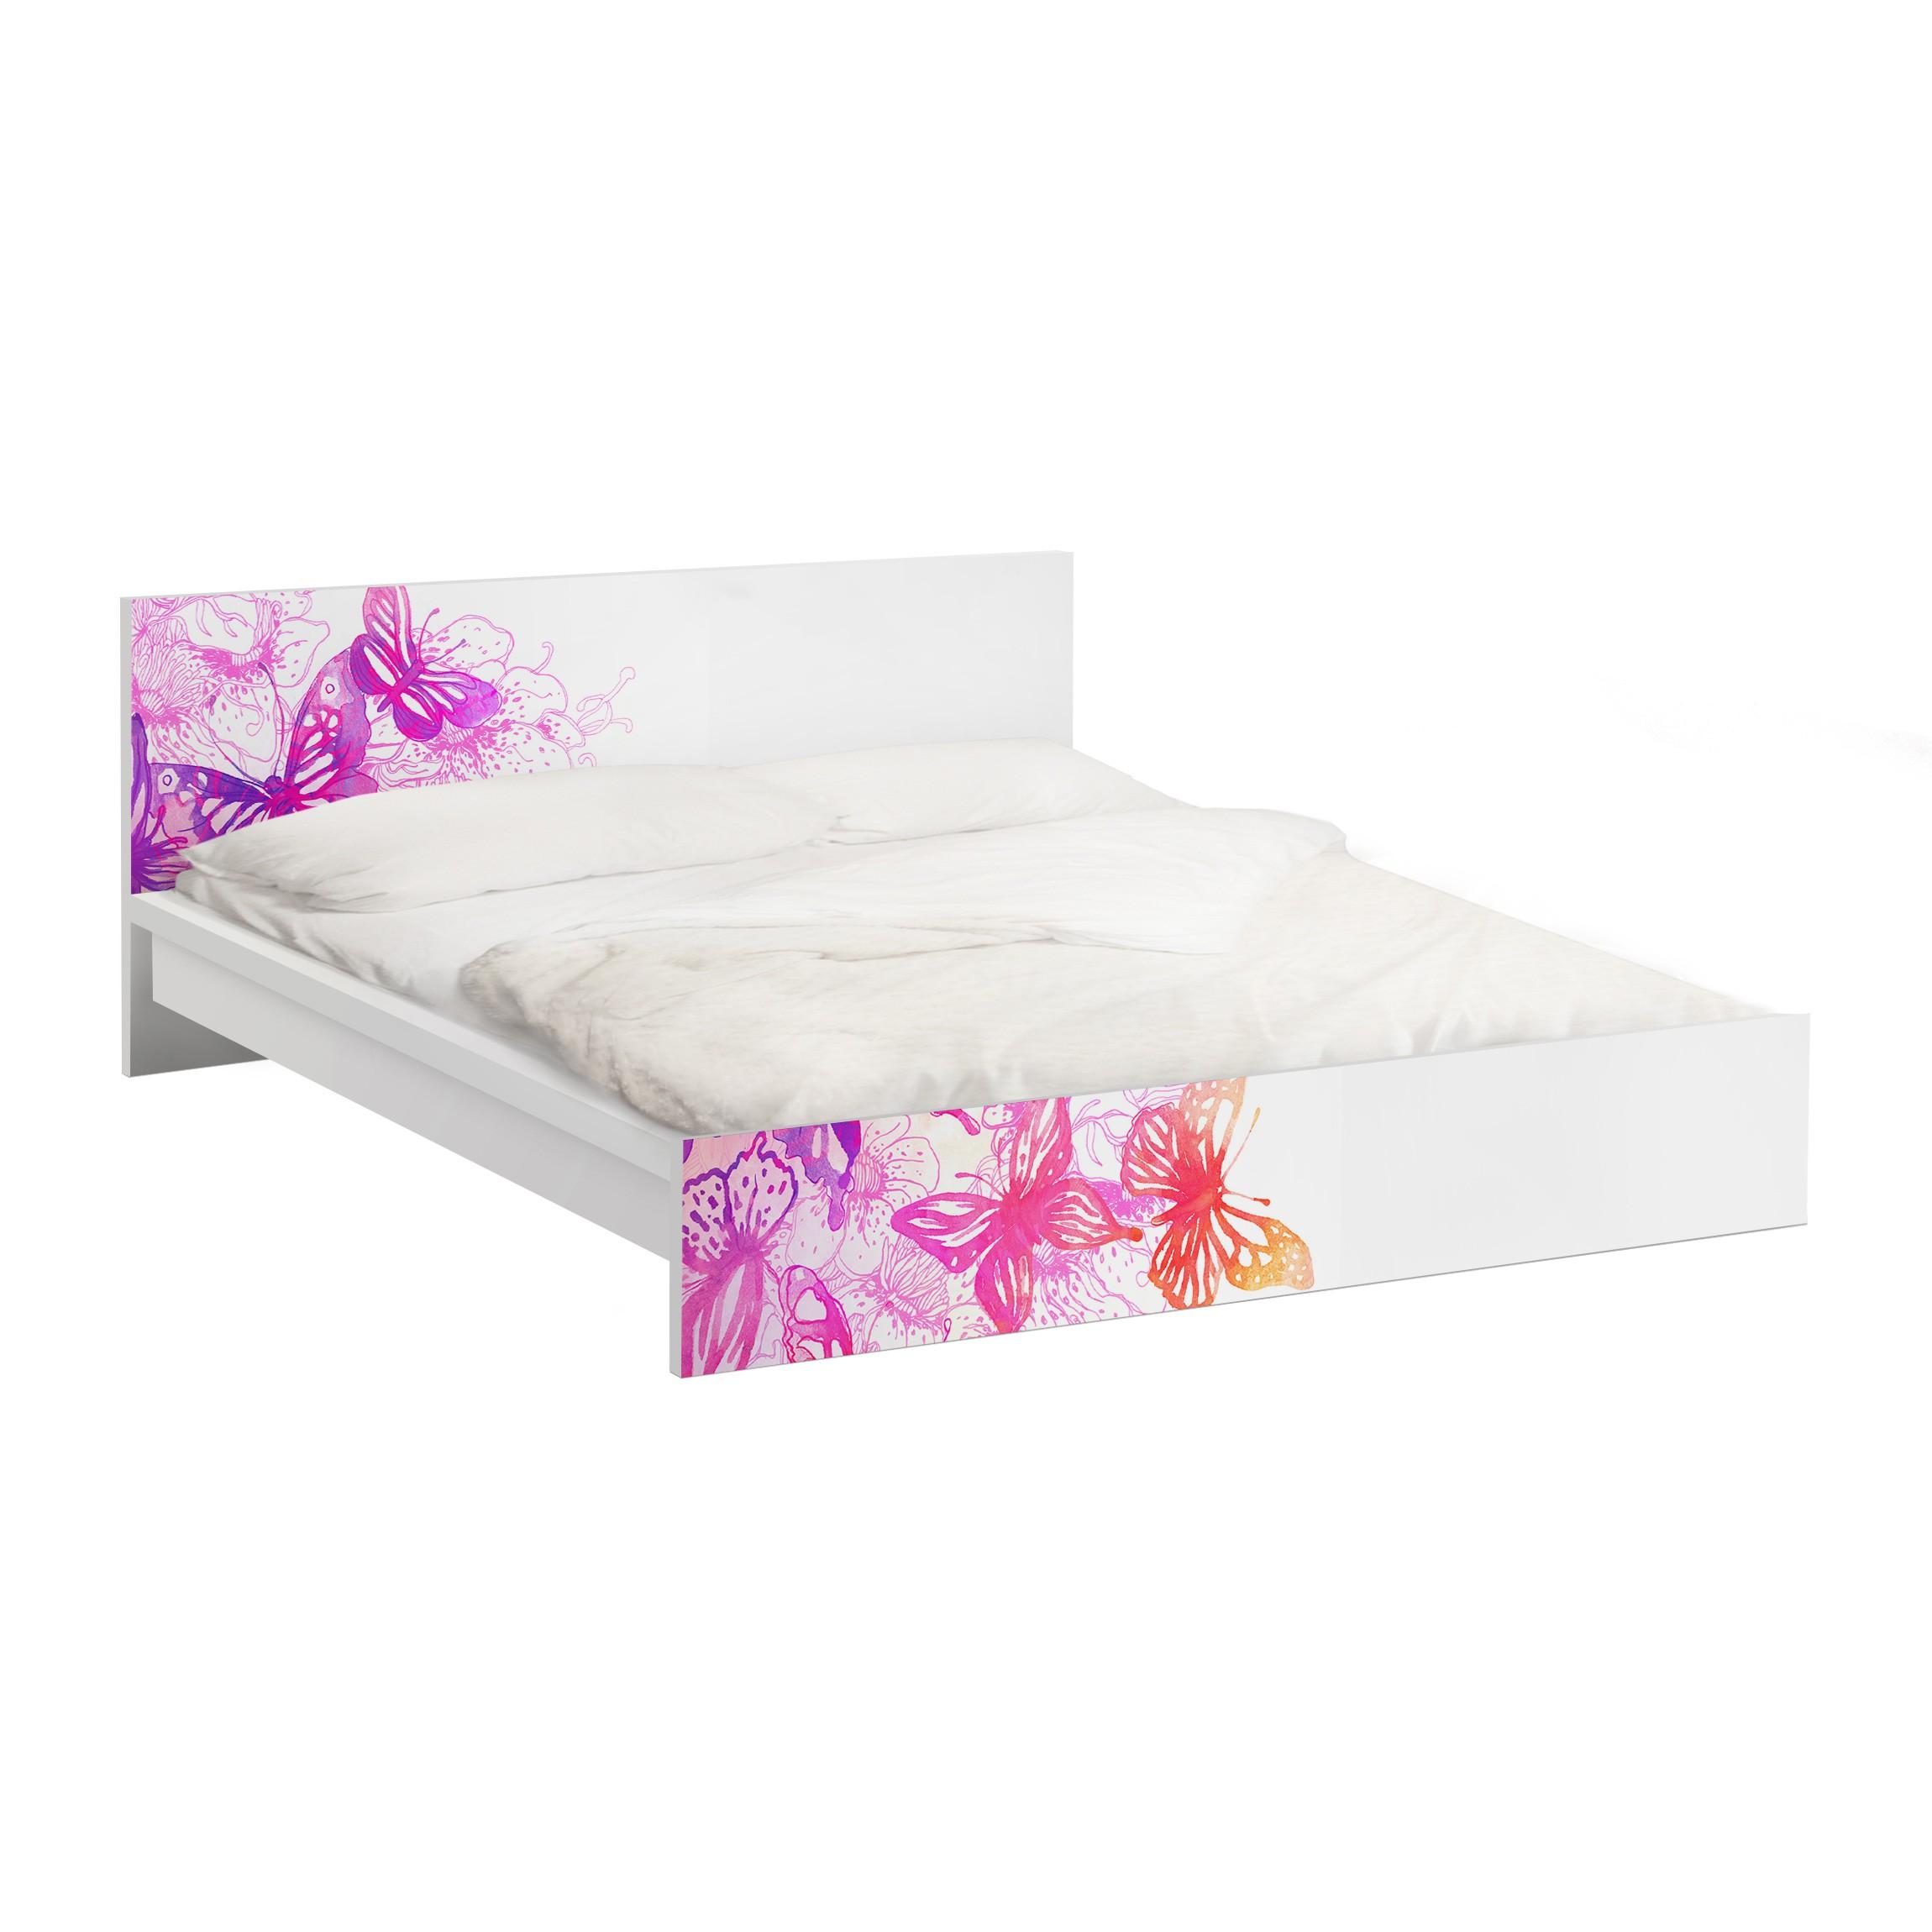 Carta adesiva per mobili ikea malm letto basso 180x200cm butterfly dream - Pellicola adesiva per mobili ikea ...